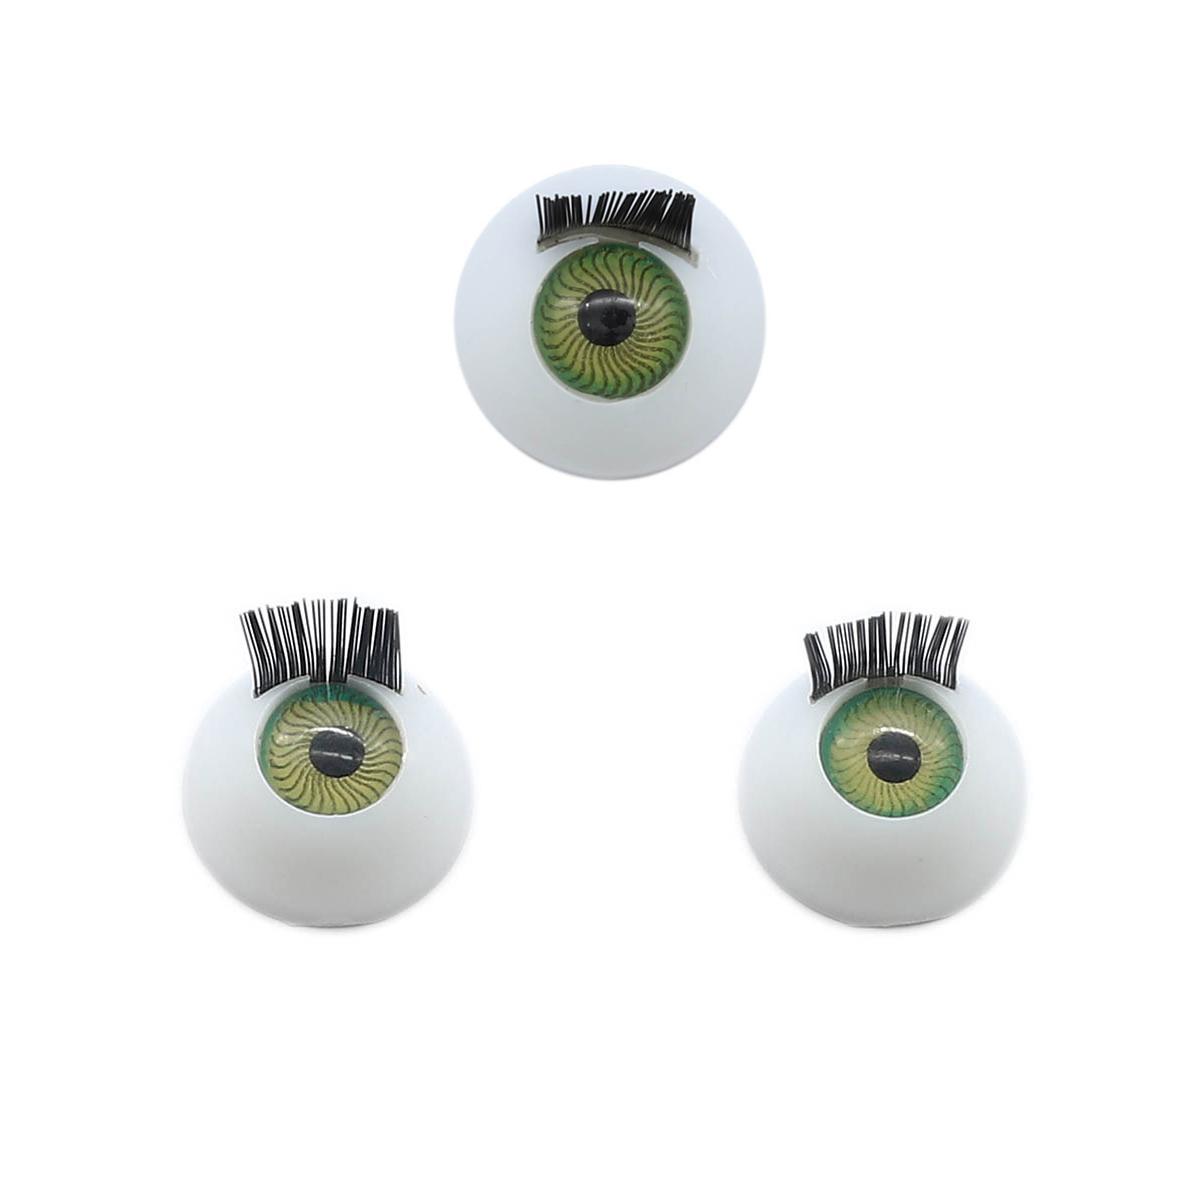 Глаза с ресничками круглые 14мм (зеленый) фото